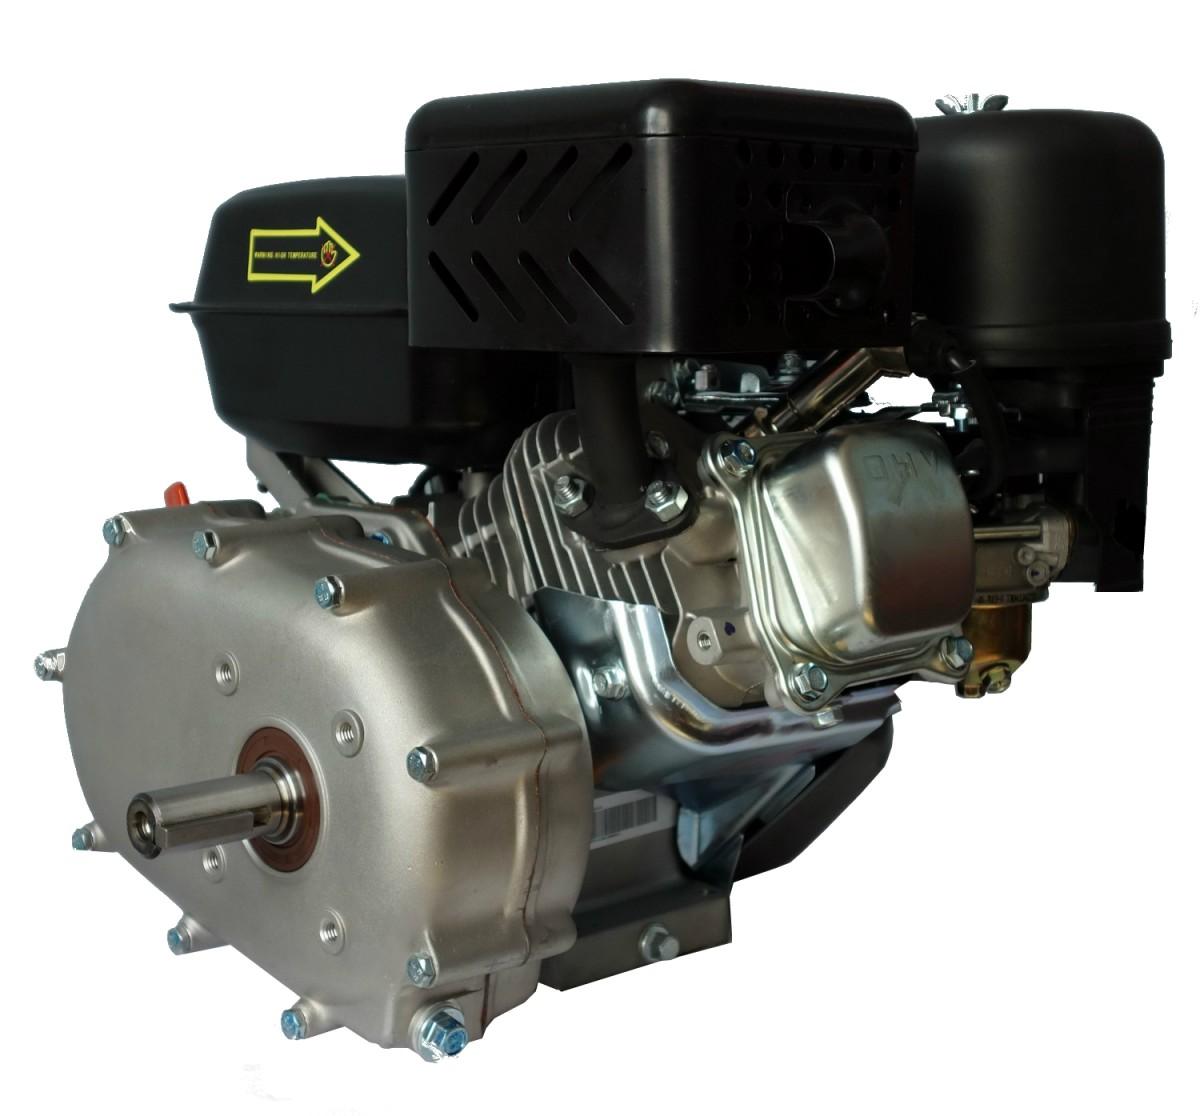 схема работы четырехтактного бензинового двигателя